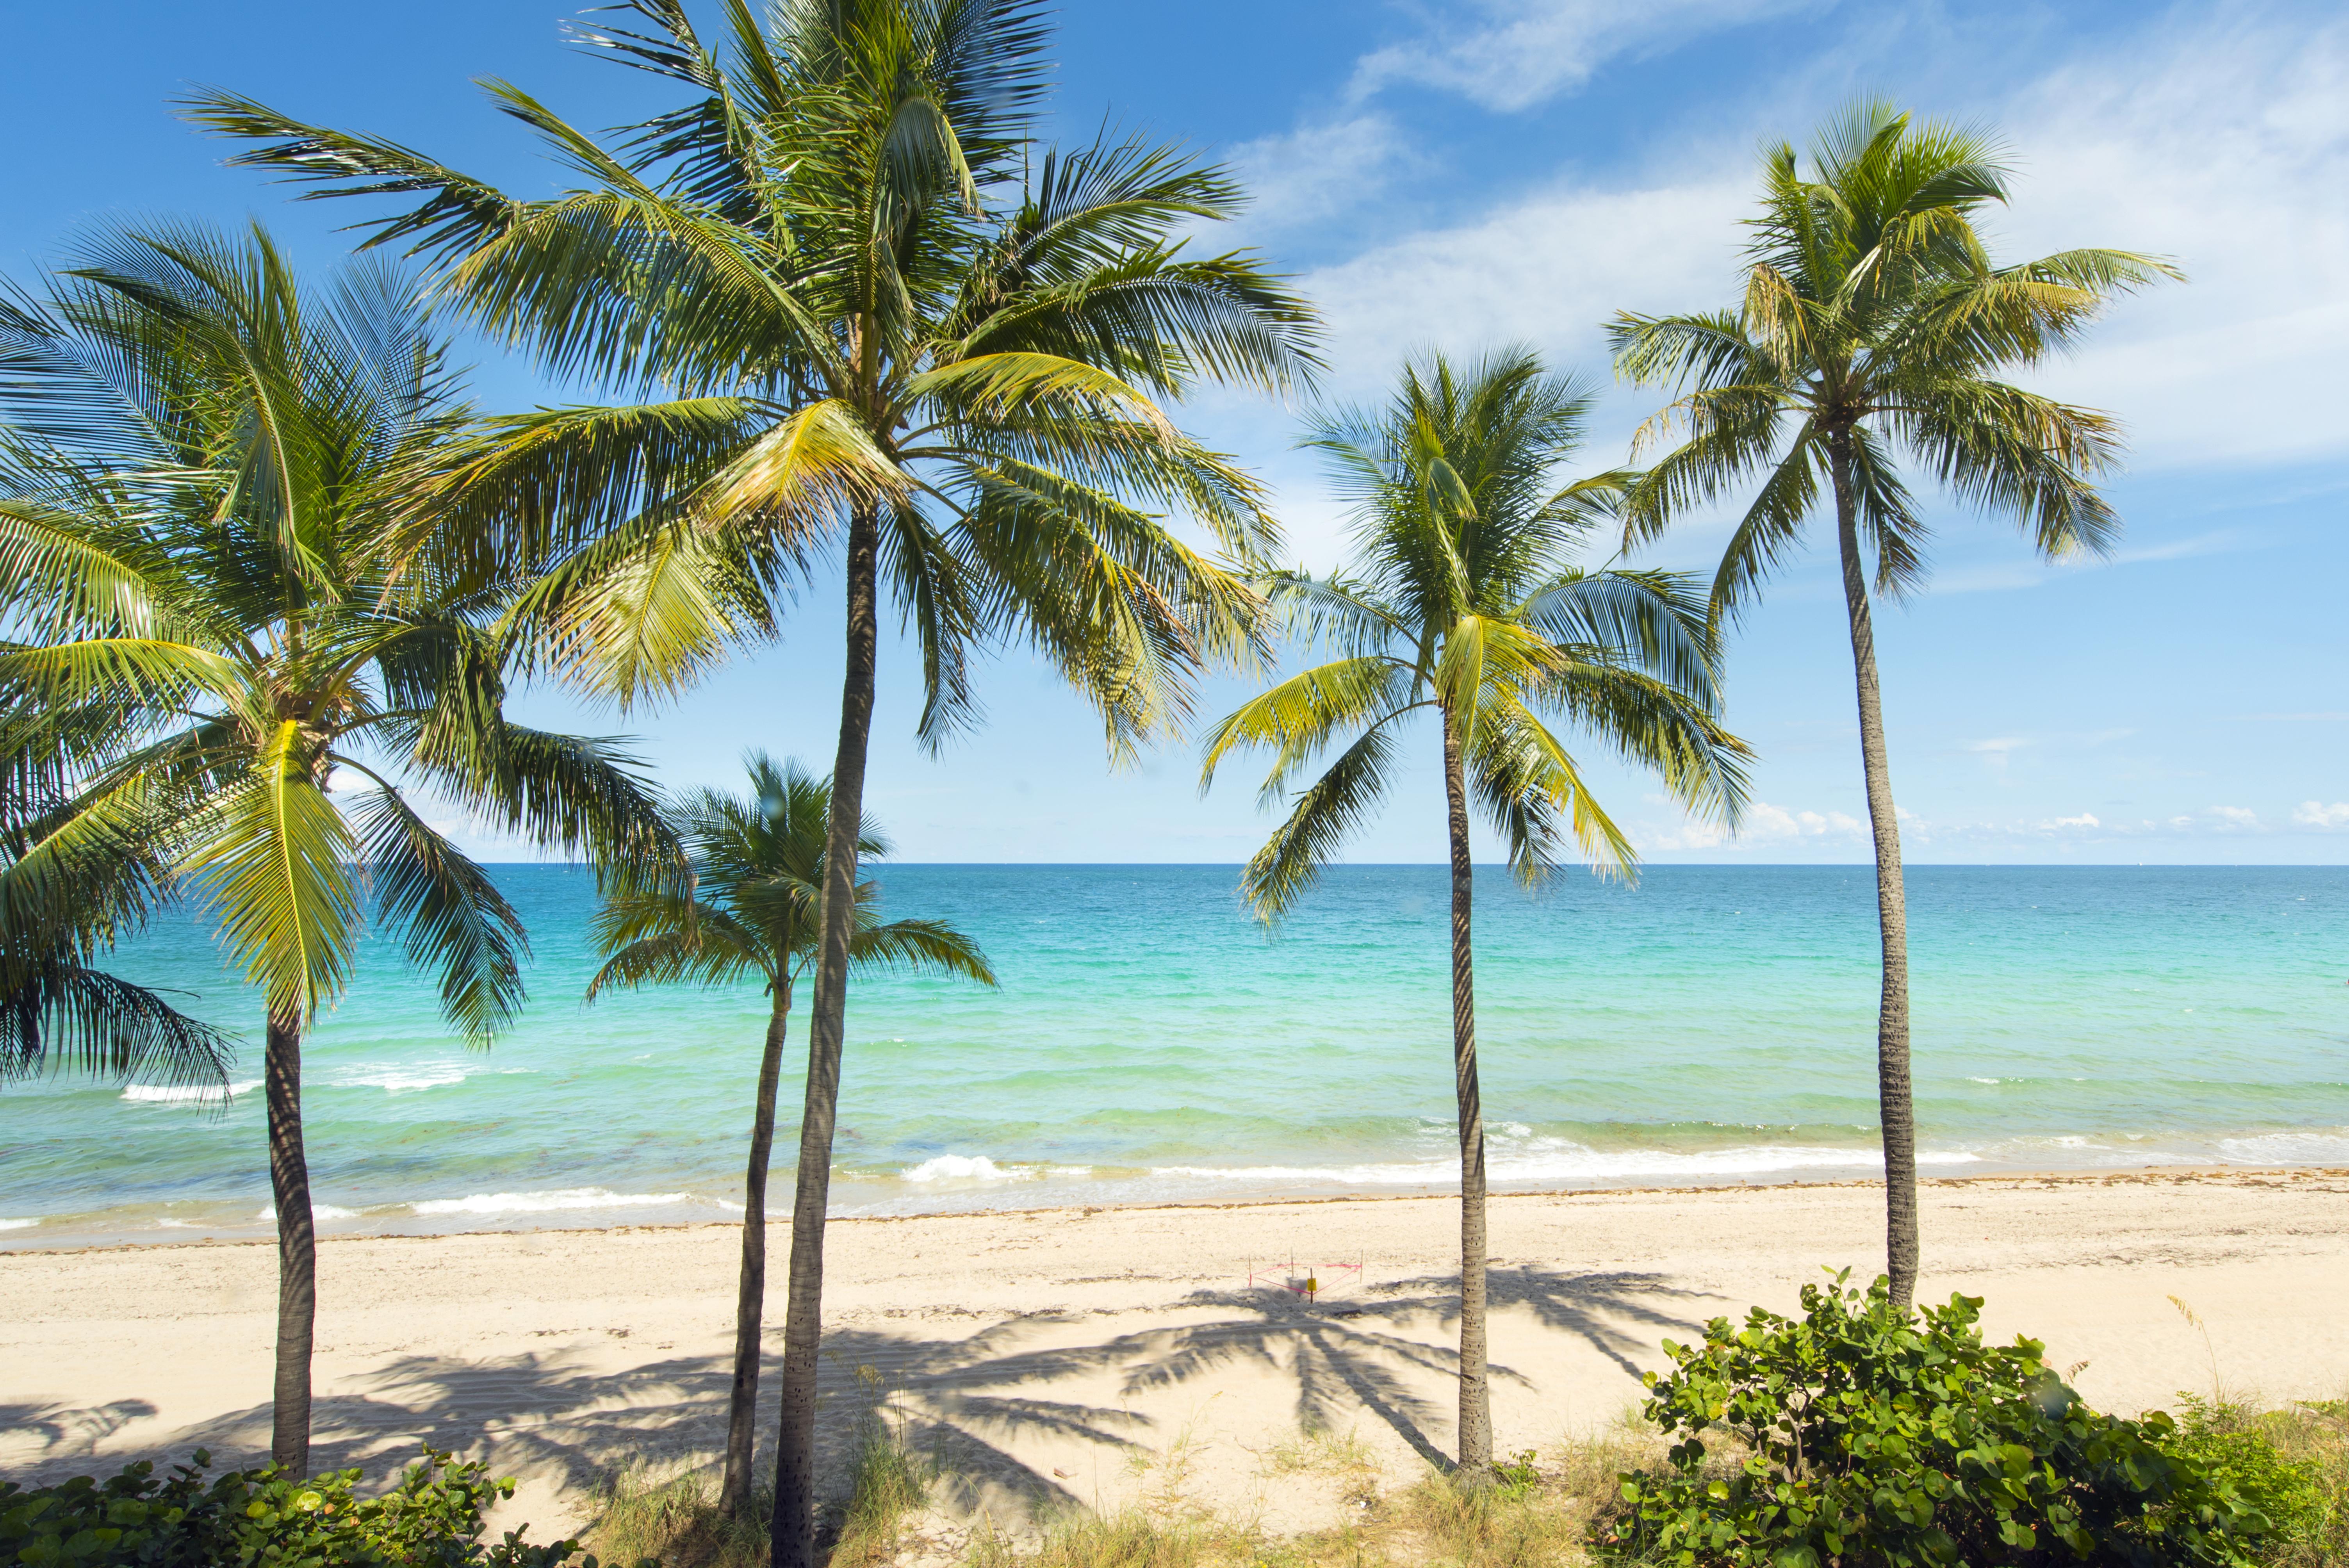 Casa Unifamiliar Adosada por un Venta en 2160 N Ocean Bl #3 2160 N Ocean Bl 3 Fort Lauderdale, Florida, 33305 Estados Unidos